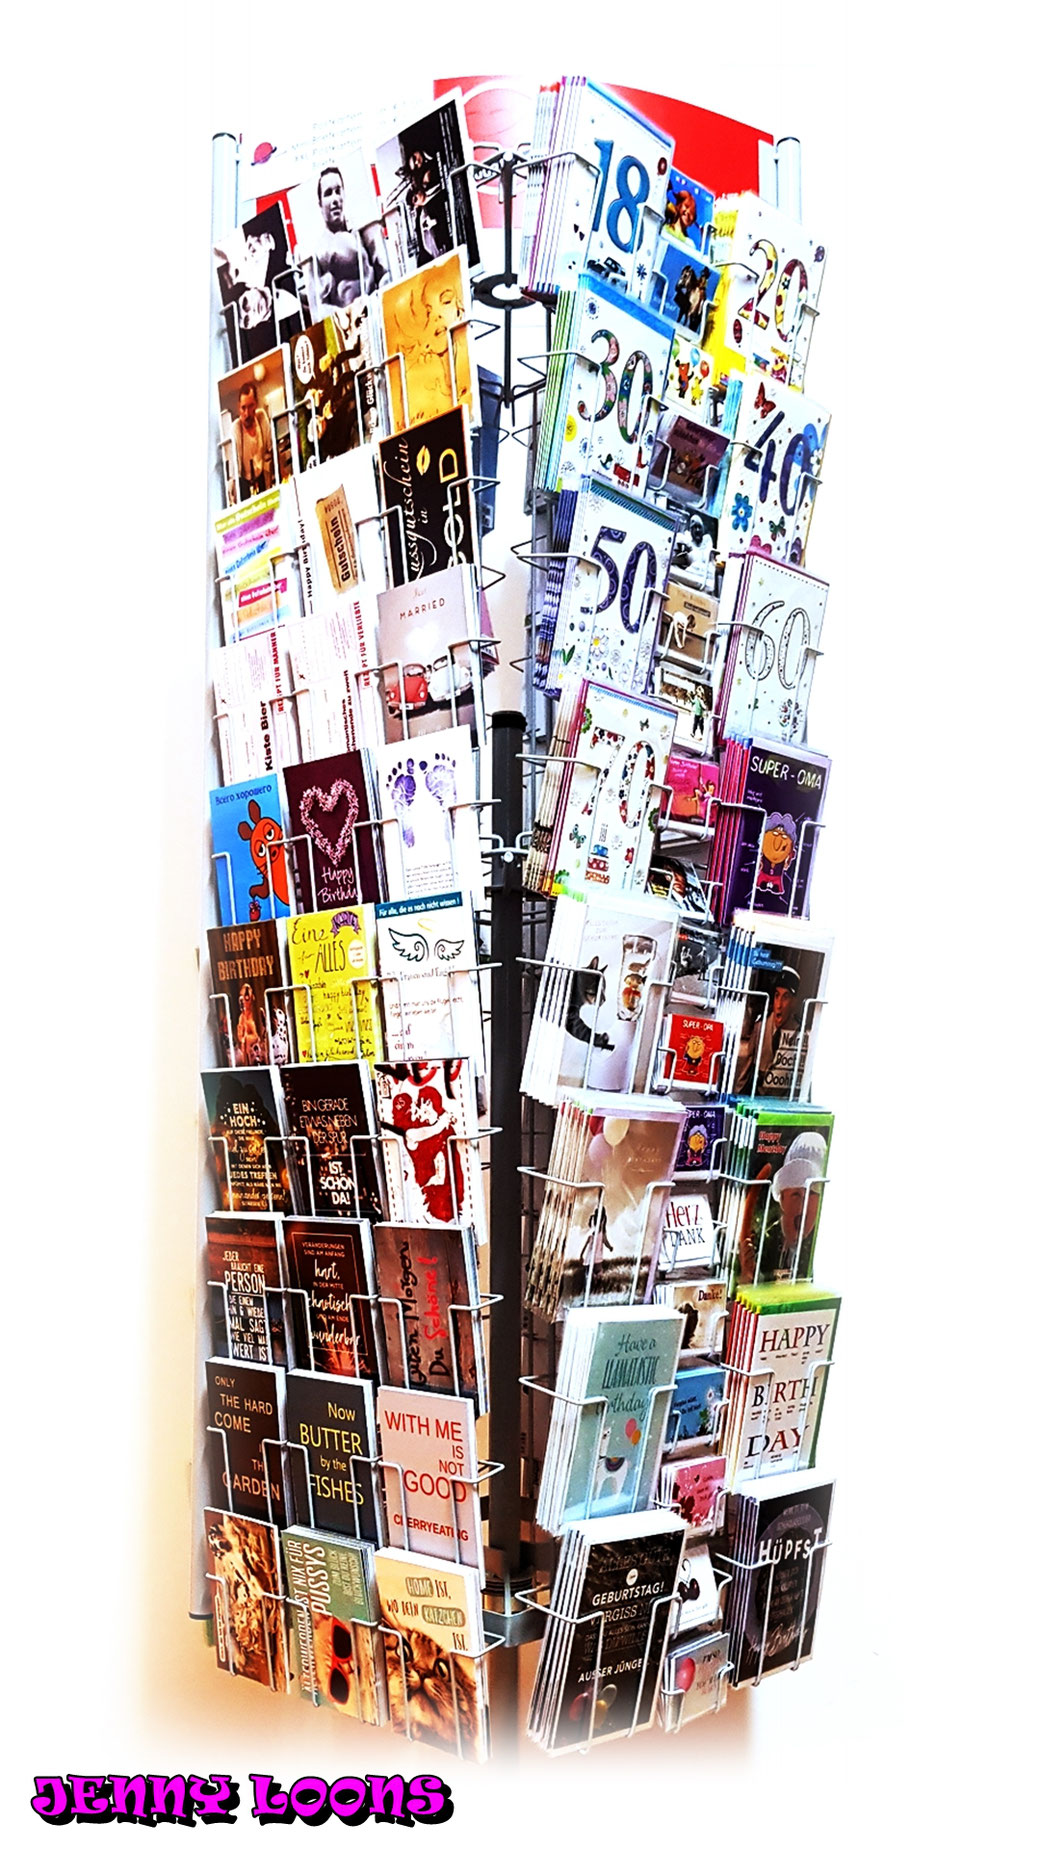 Karten by Modern Times - Geburtstagskarten, Postkarten, Briefkarten